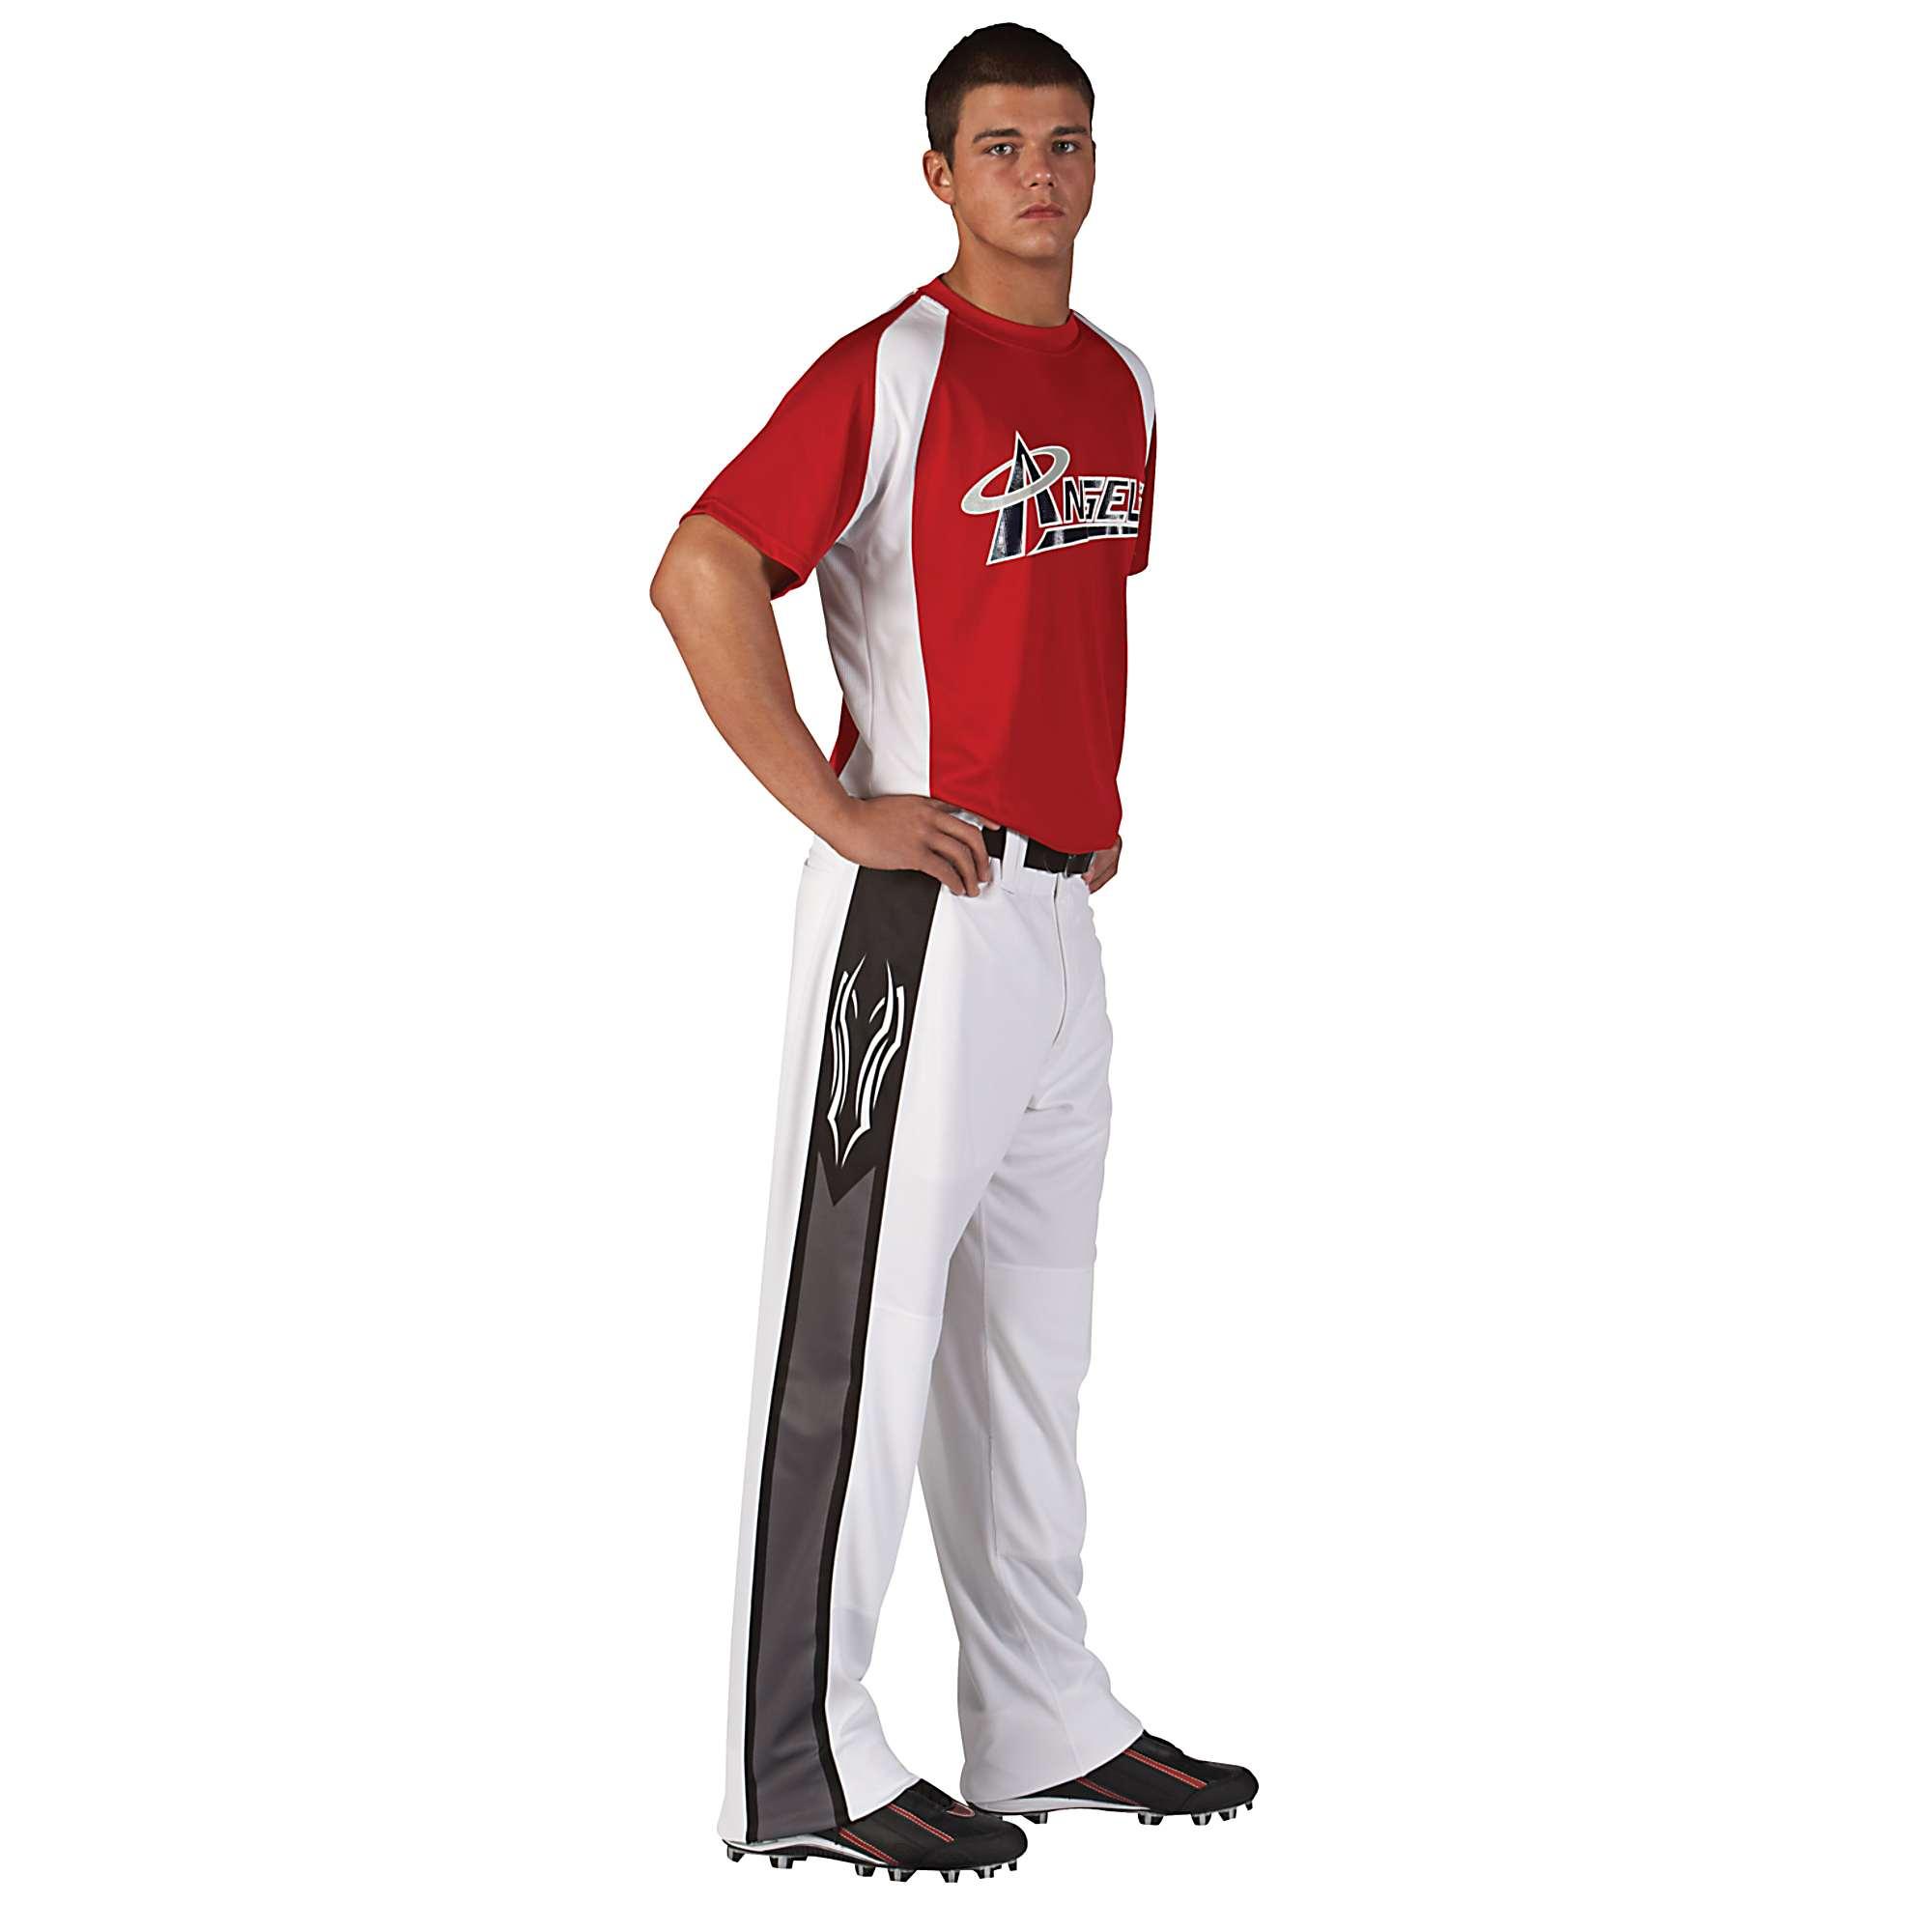 Mens softball pants